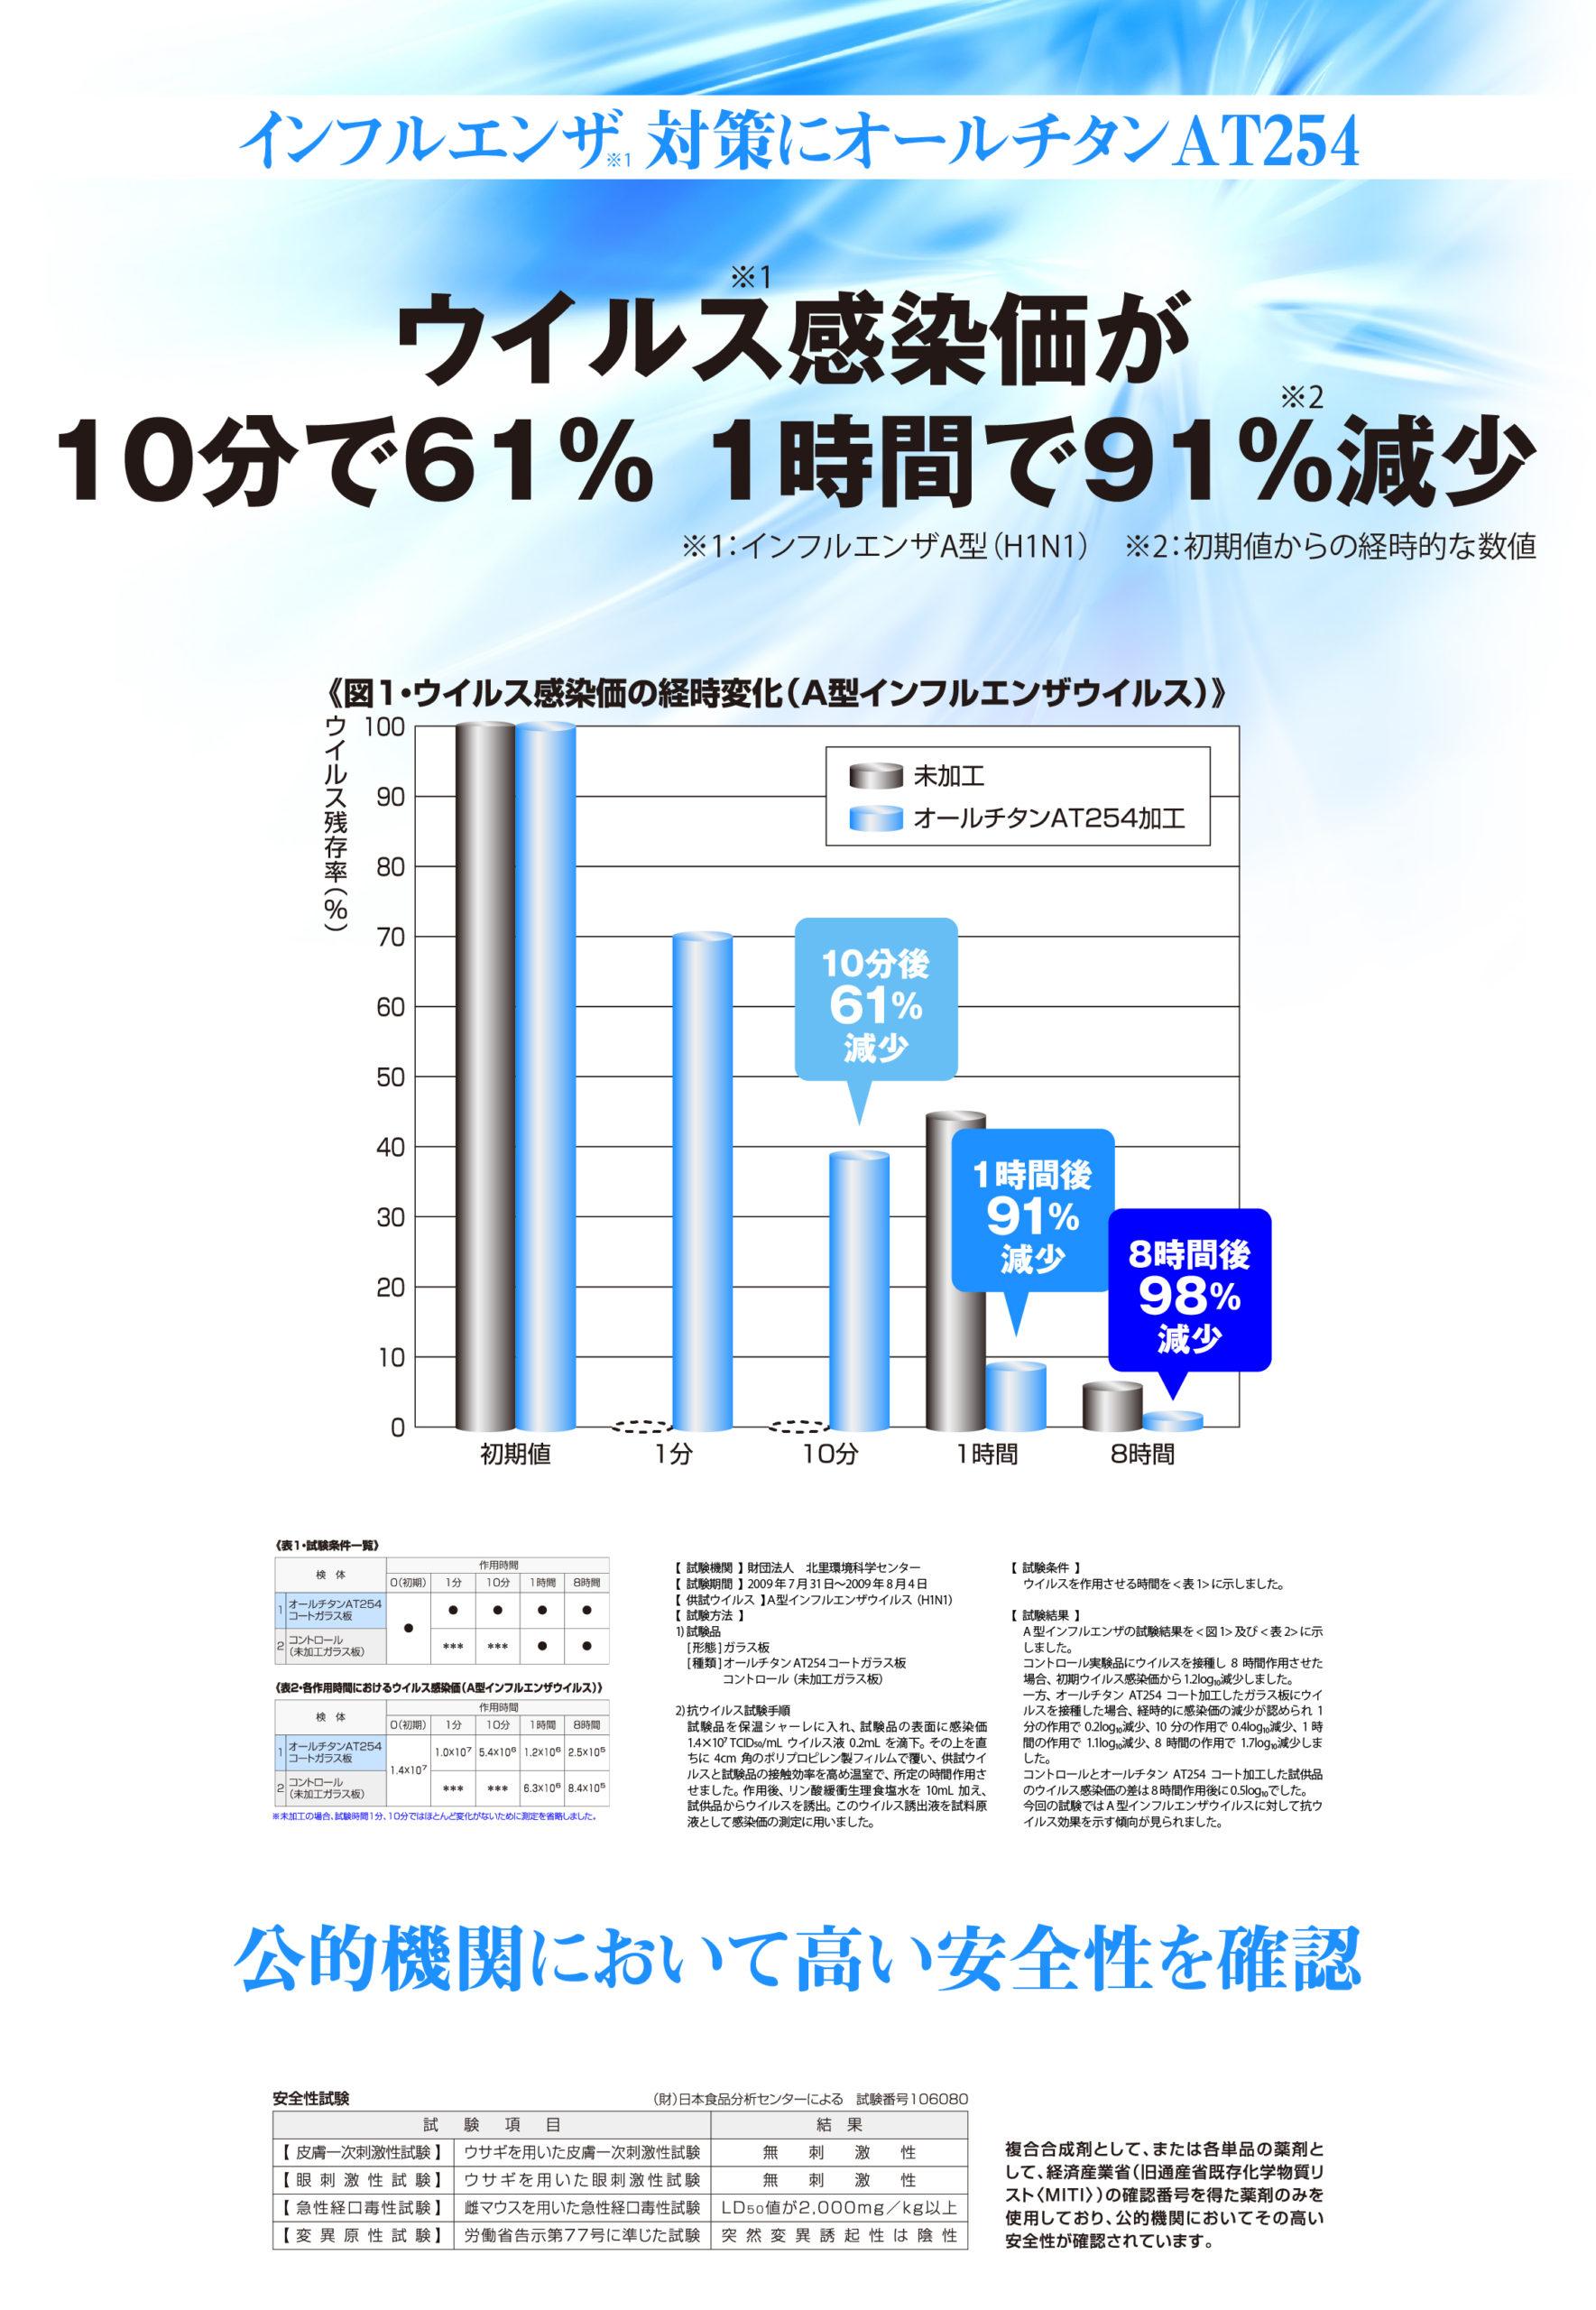 抗ウイルス、ウイルス抑制効果があるオールチタンAT254でウイルス感染価が10分で61%減少、1時間で91%減少